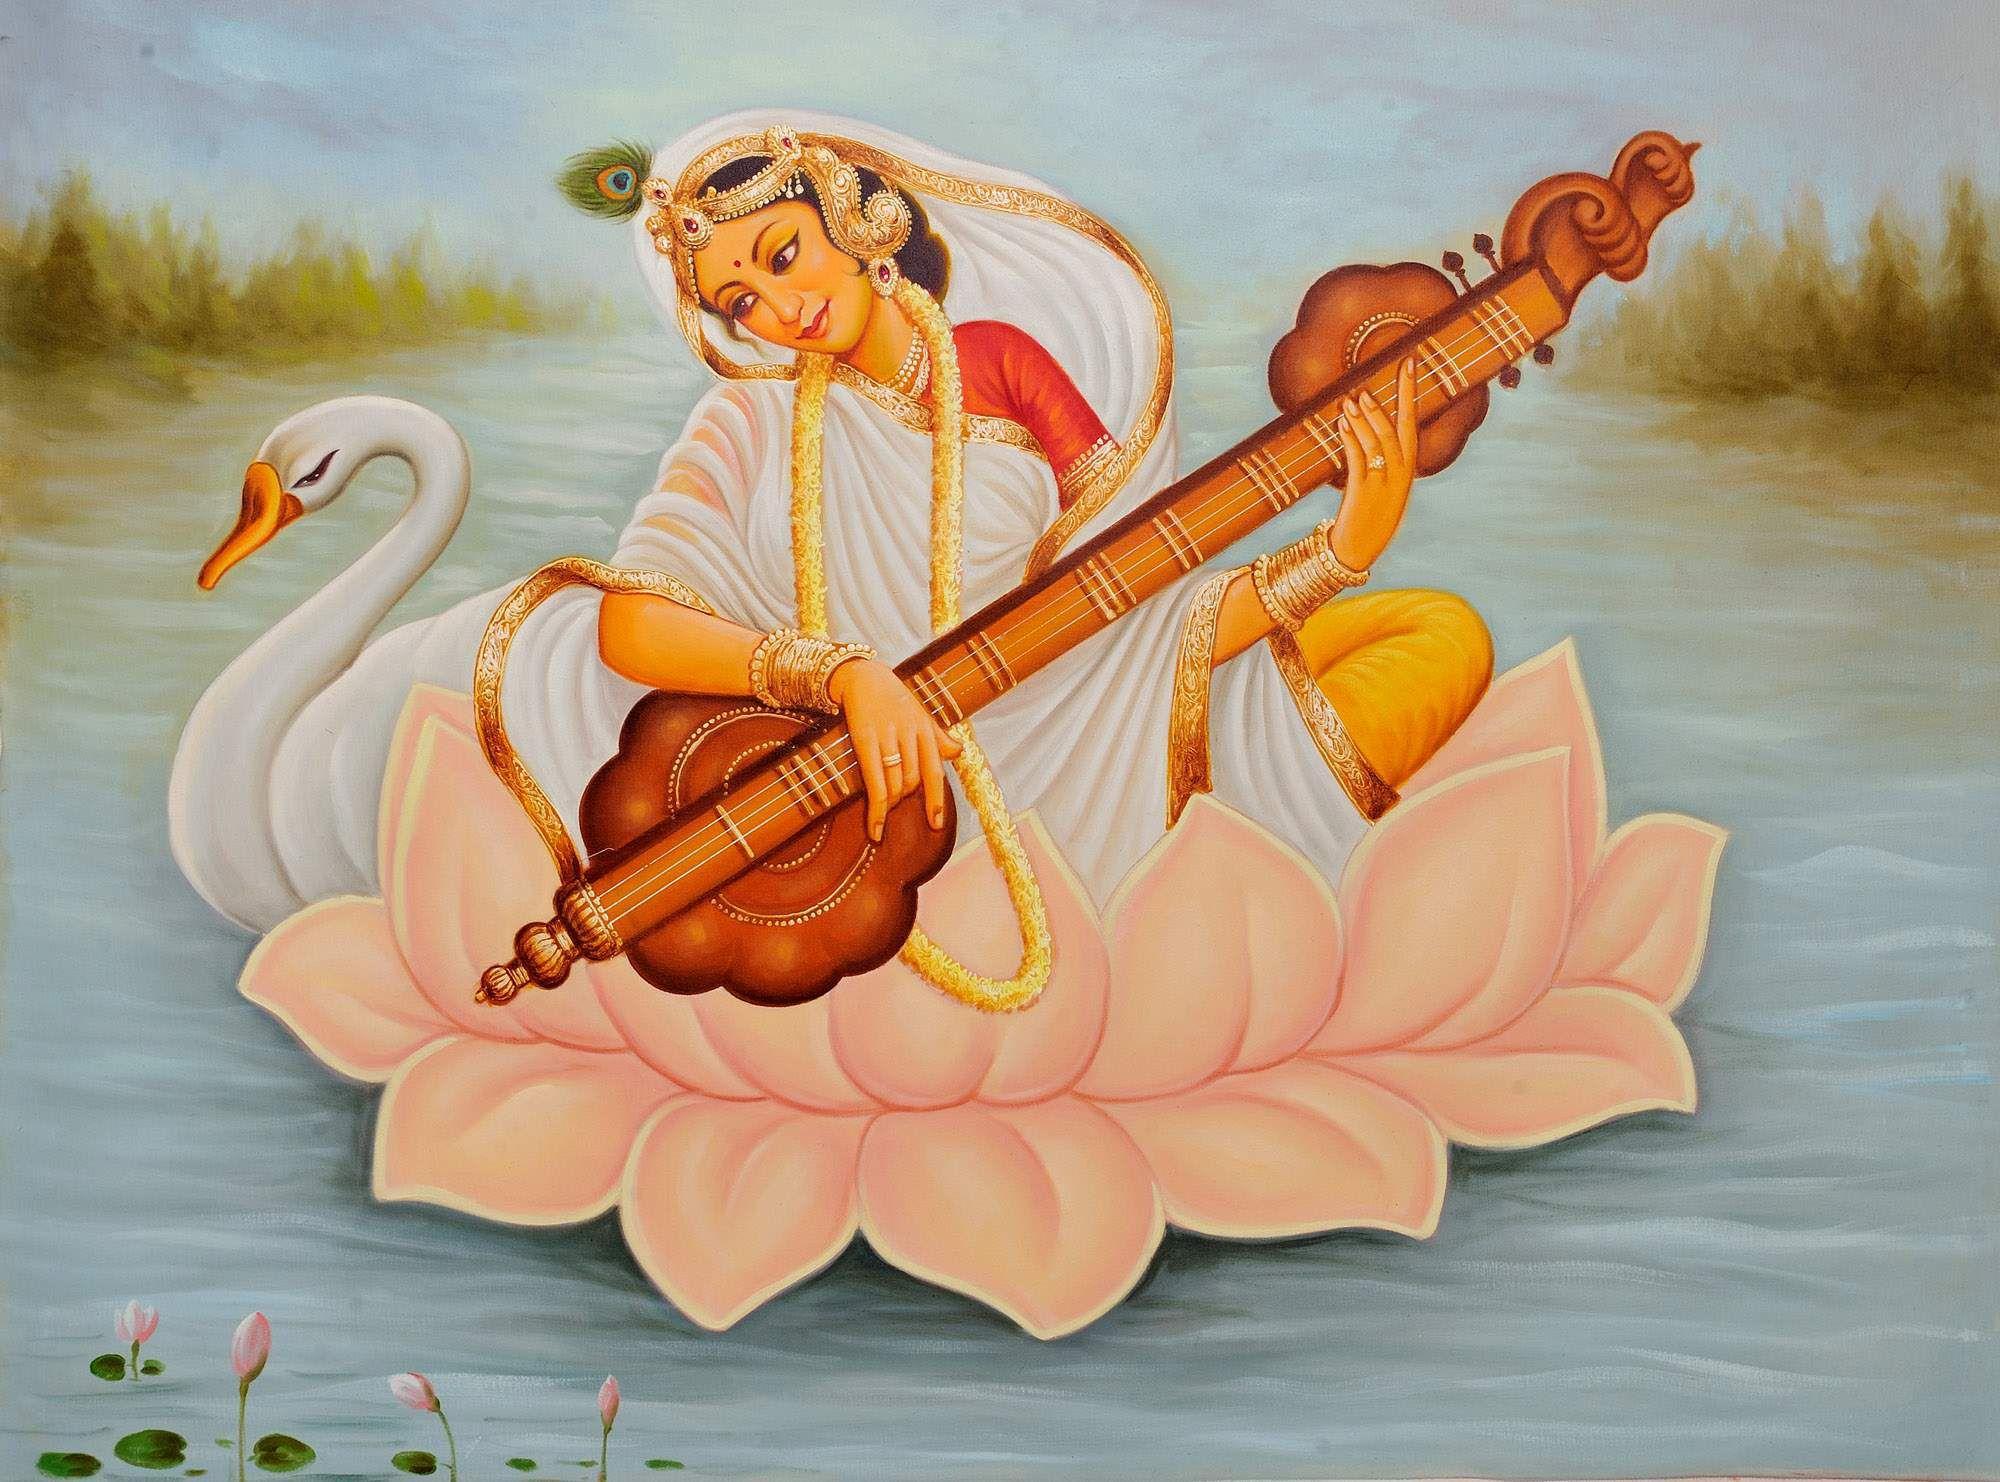 saraswati achat paris déesse connaissance Brahma